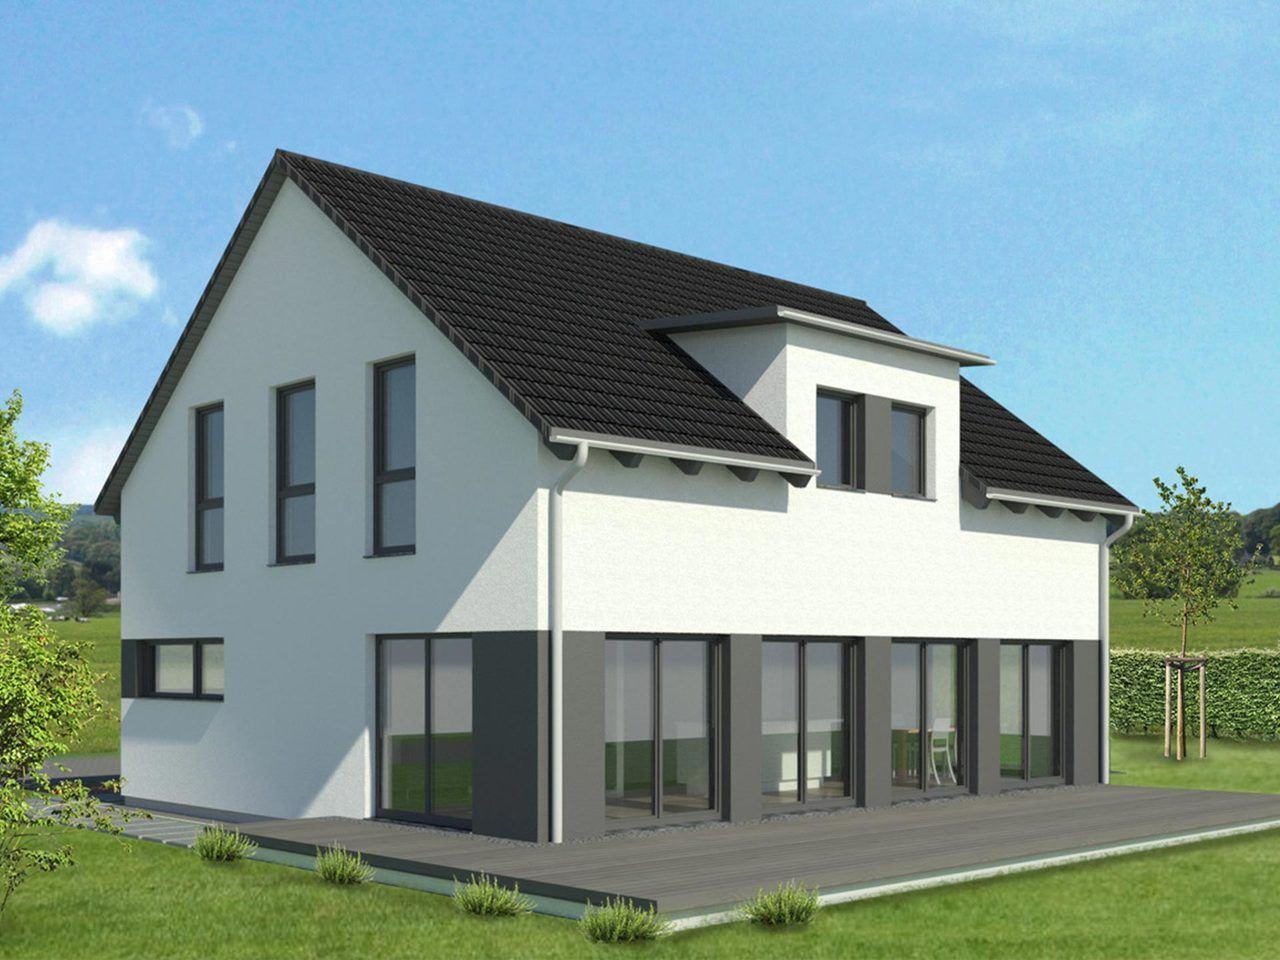 Einfamilienhaus Chausseestraße 157 - Ansicht 3